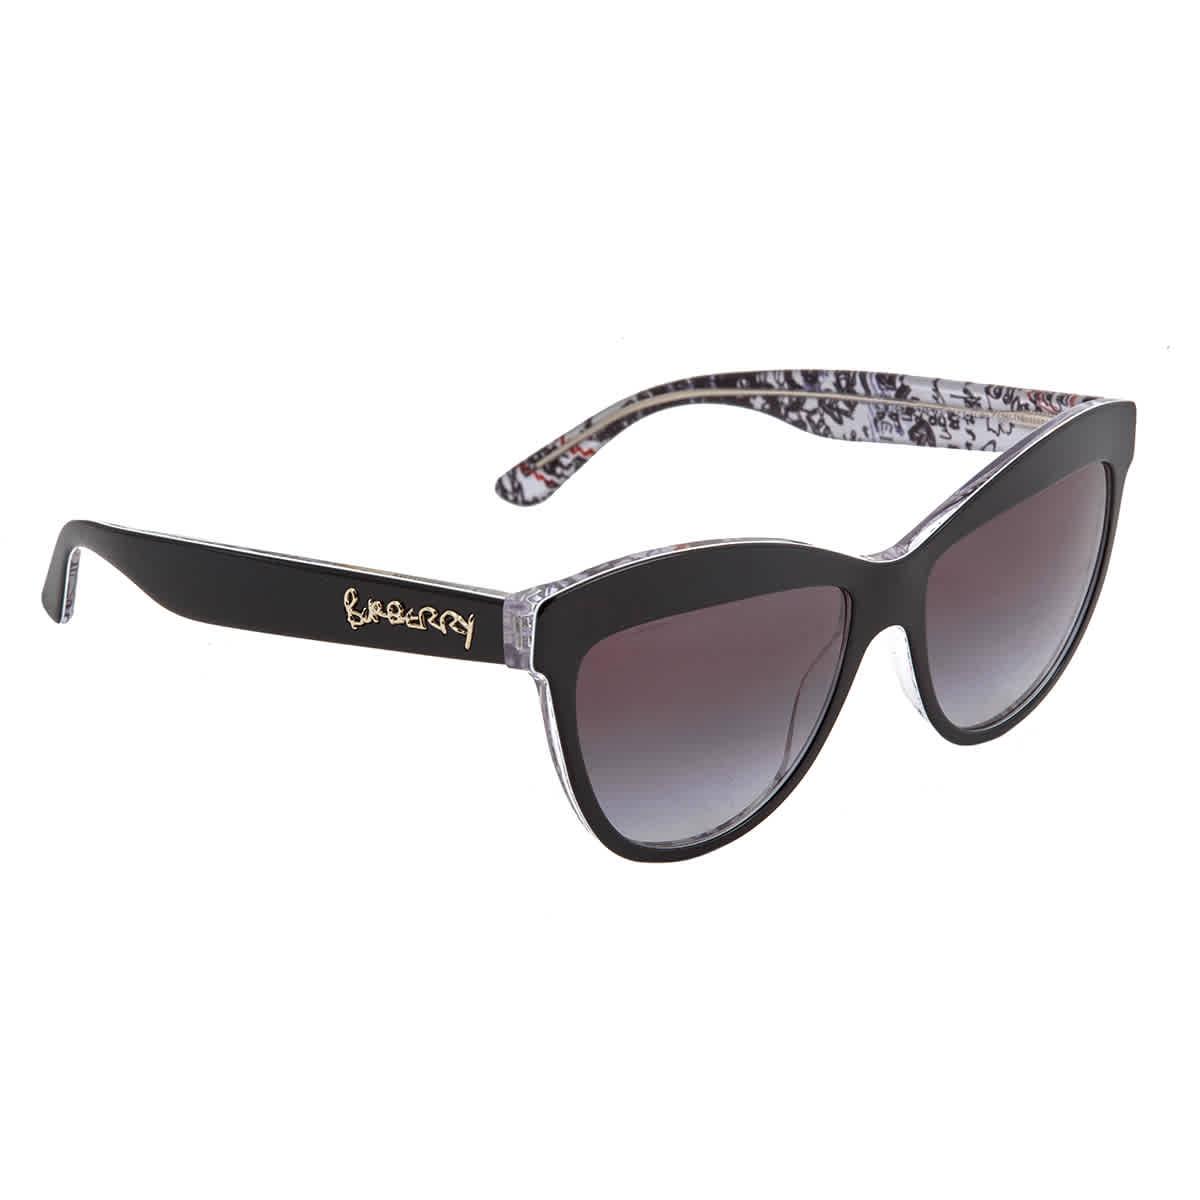 Burberry Grey Gradient Cat Eye Ladies Sunglasses Be4267 37138g In Black,grey